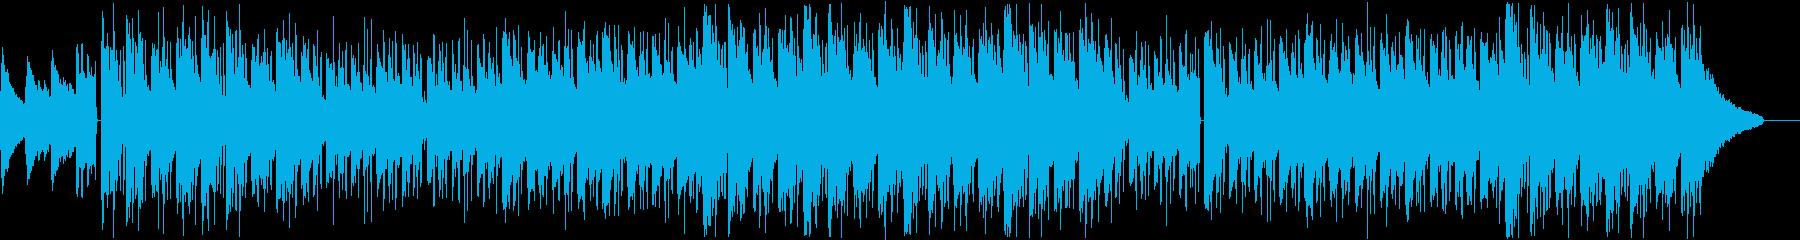 帰り道をイメージしたチルアウトの再生済みの波形